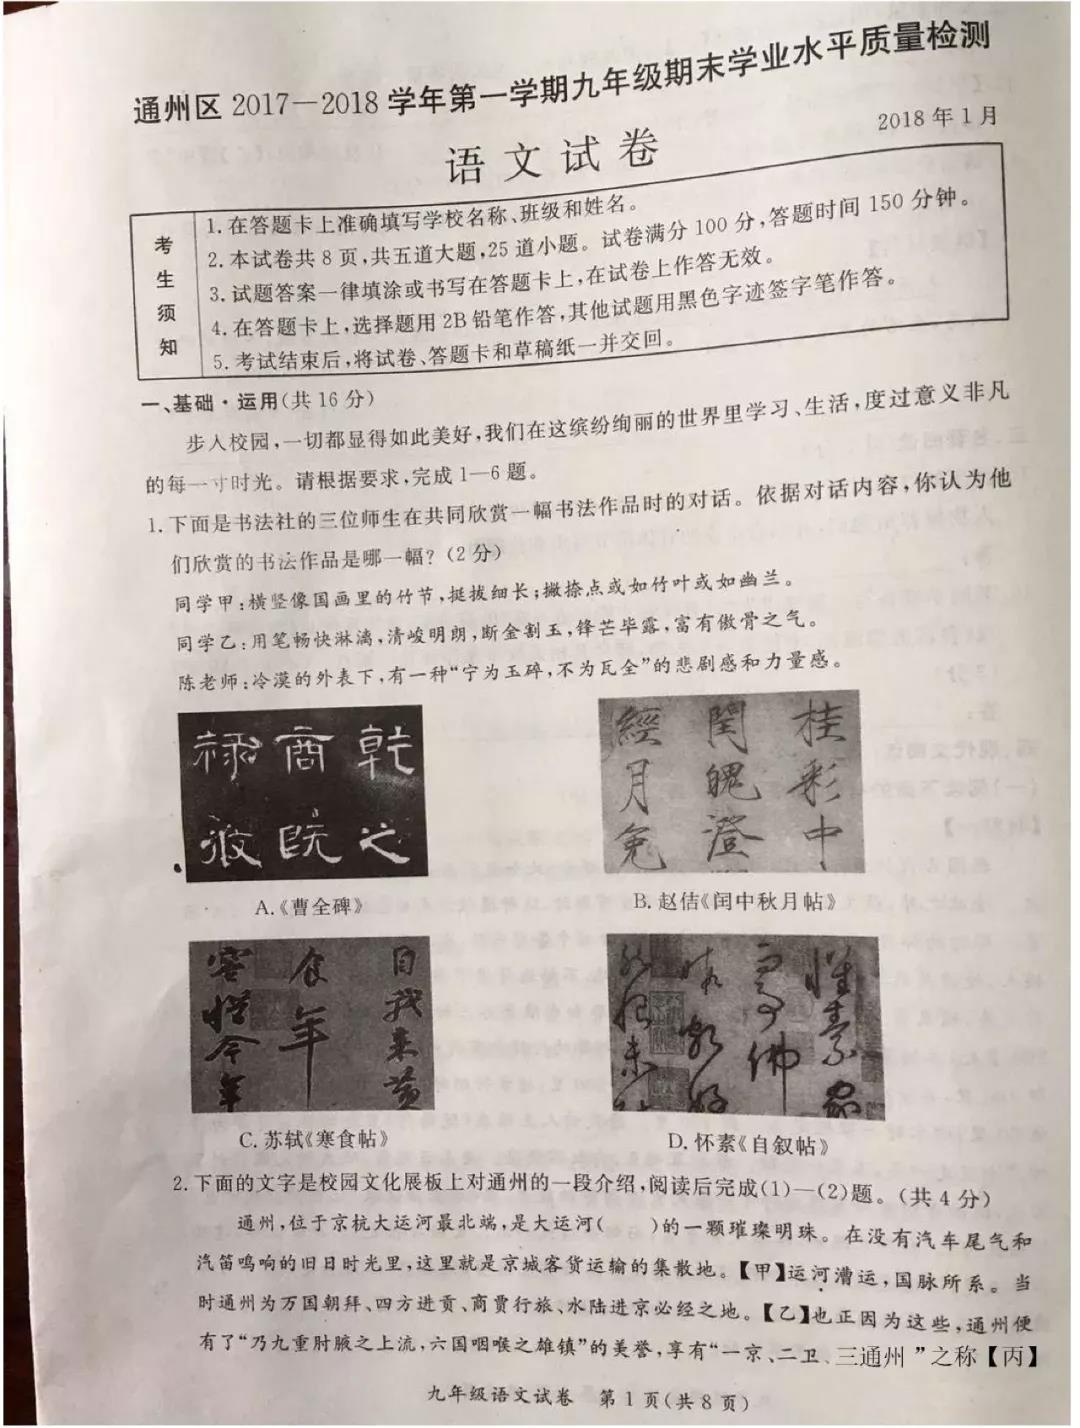 2018.1通州初三期末语文试题及答案解析(图片版)